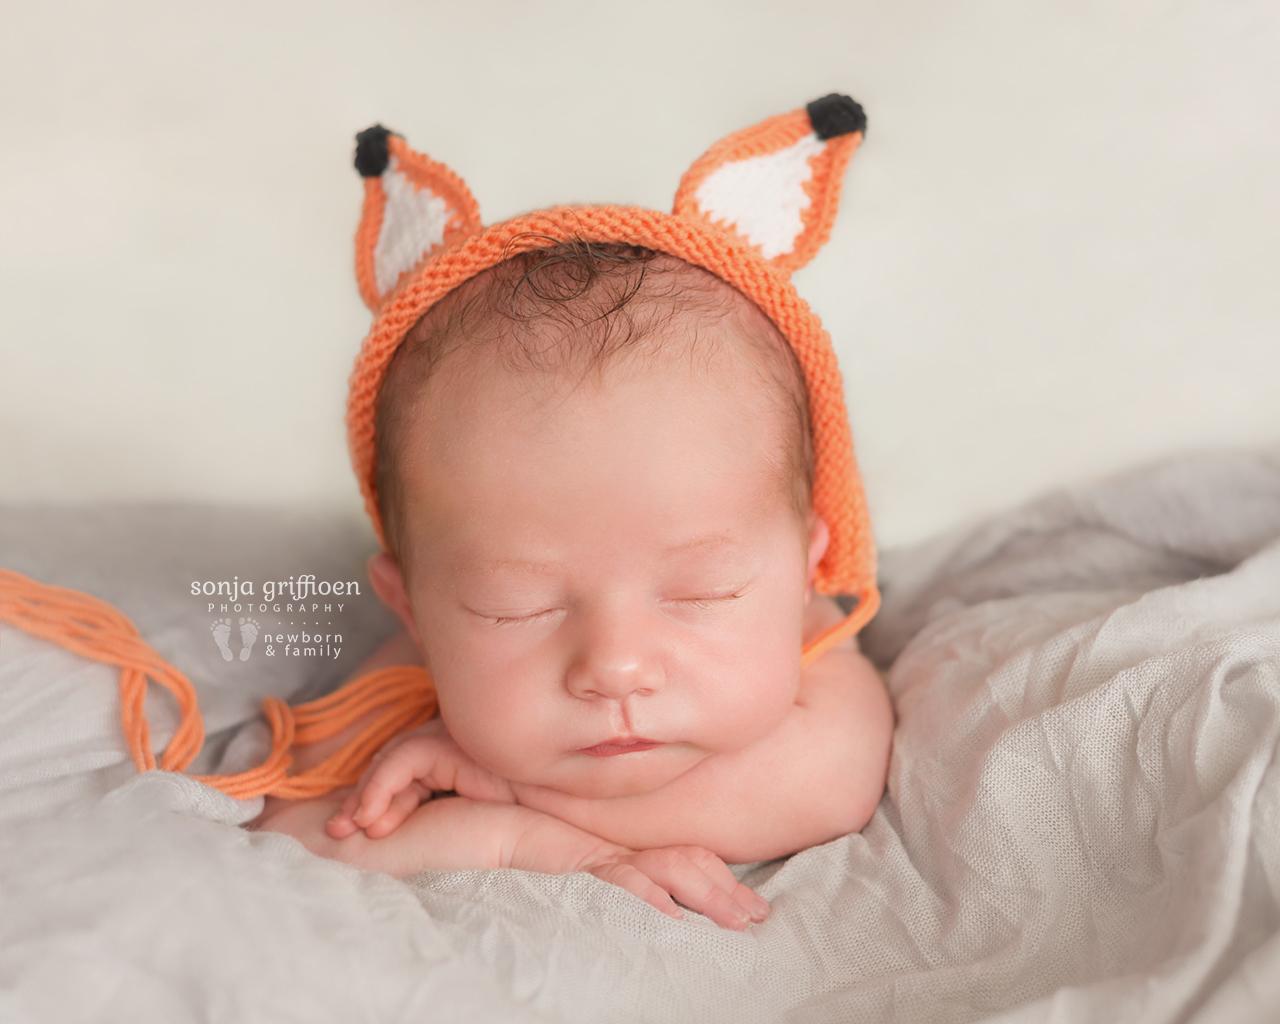 Oliver-Newborn-Brisbane-Newborn-Photographer-Sonja-Griffioen-12.jpg